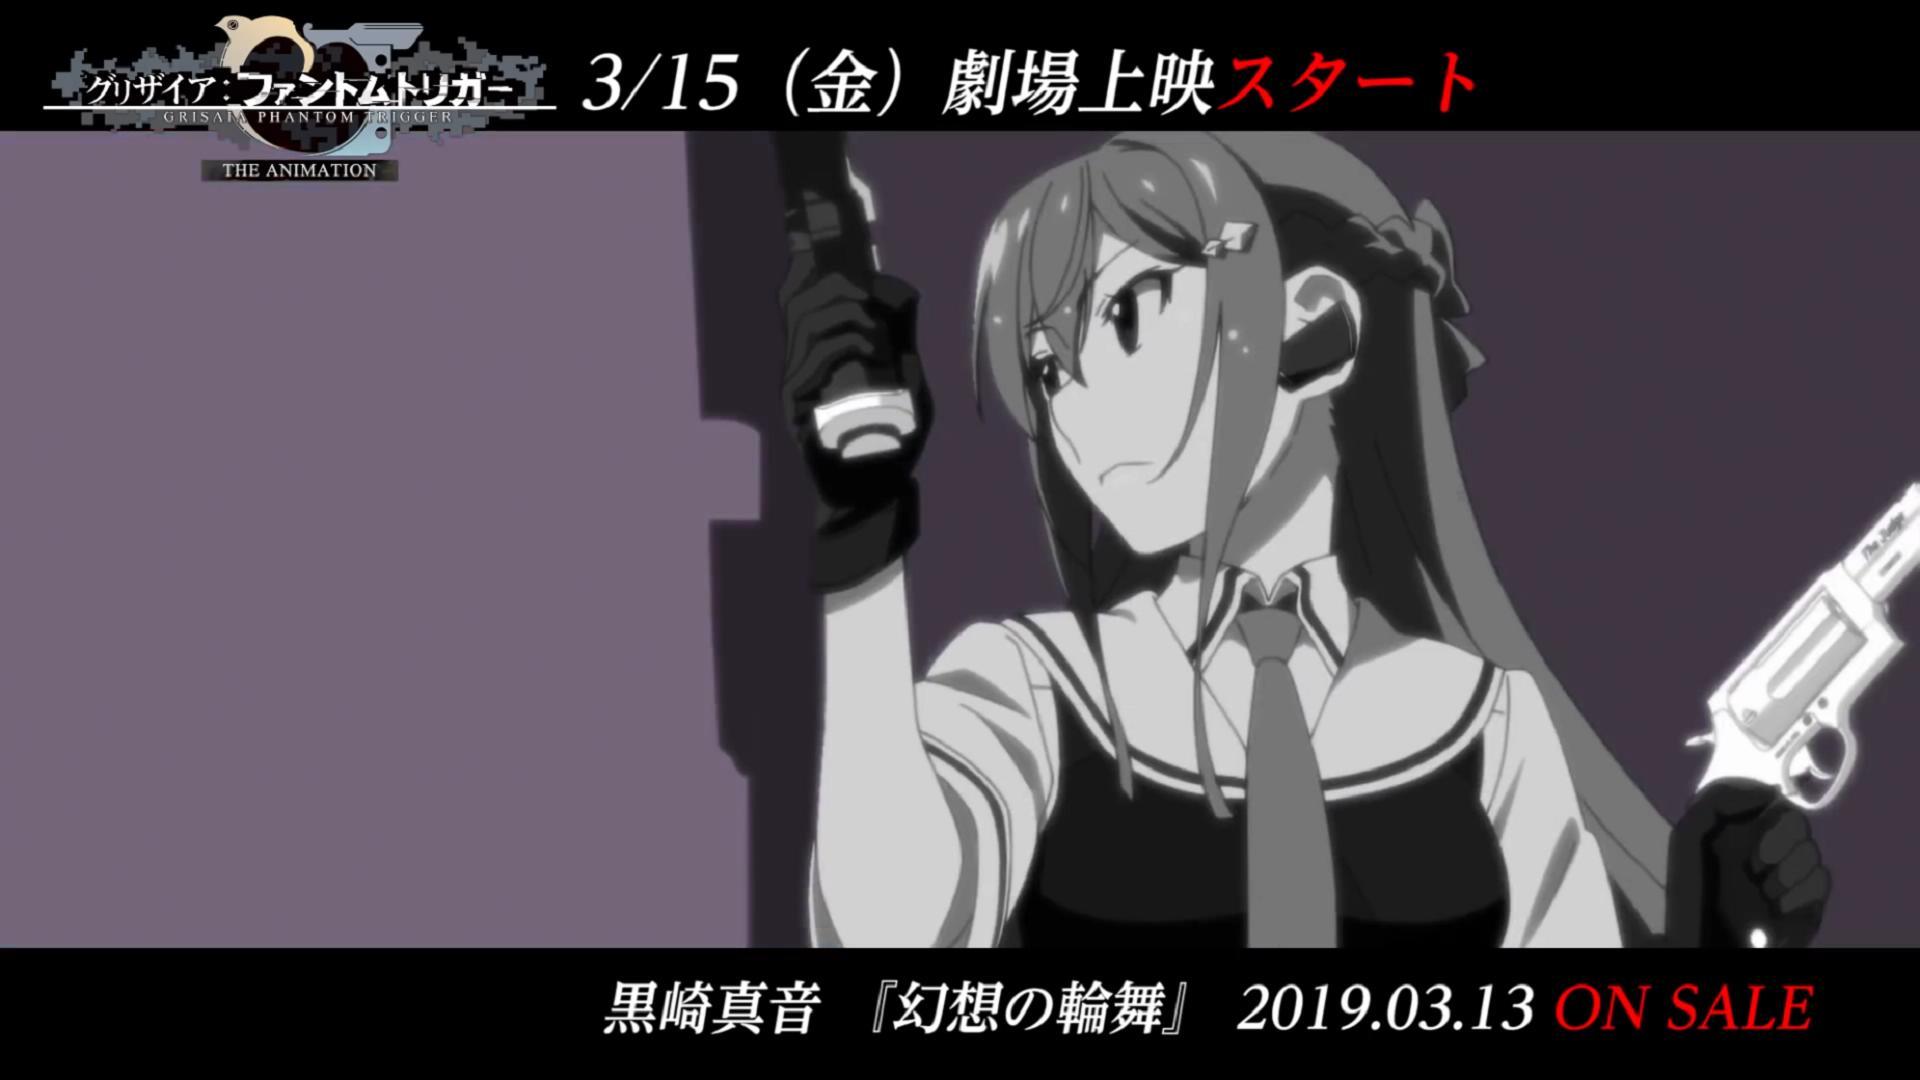 灰色幻影扳机动画,内田真礼,佐仓绫音,种崎敦美